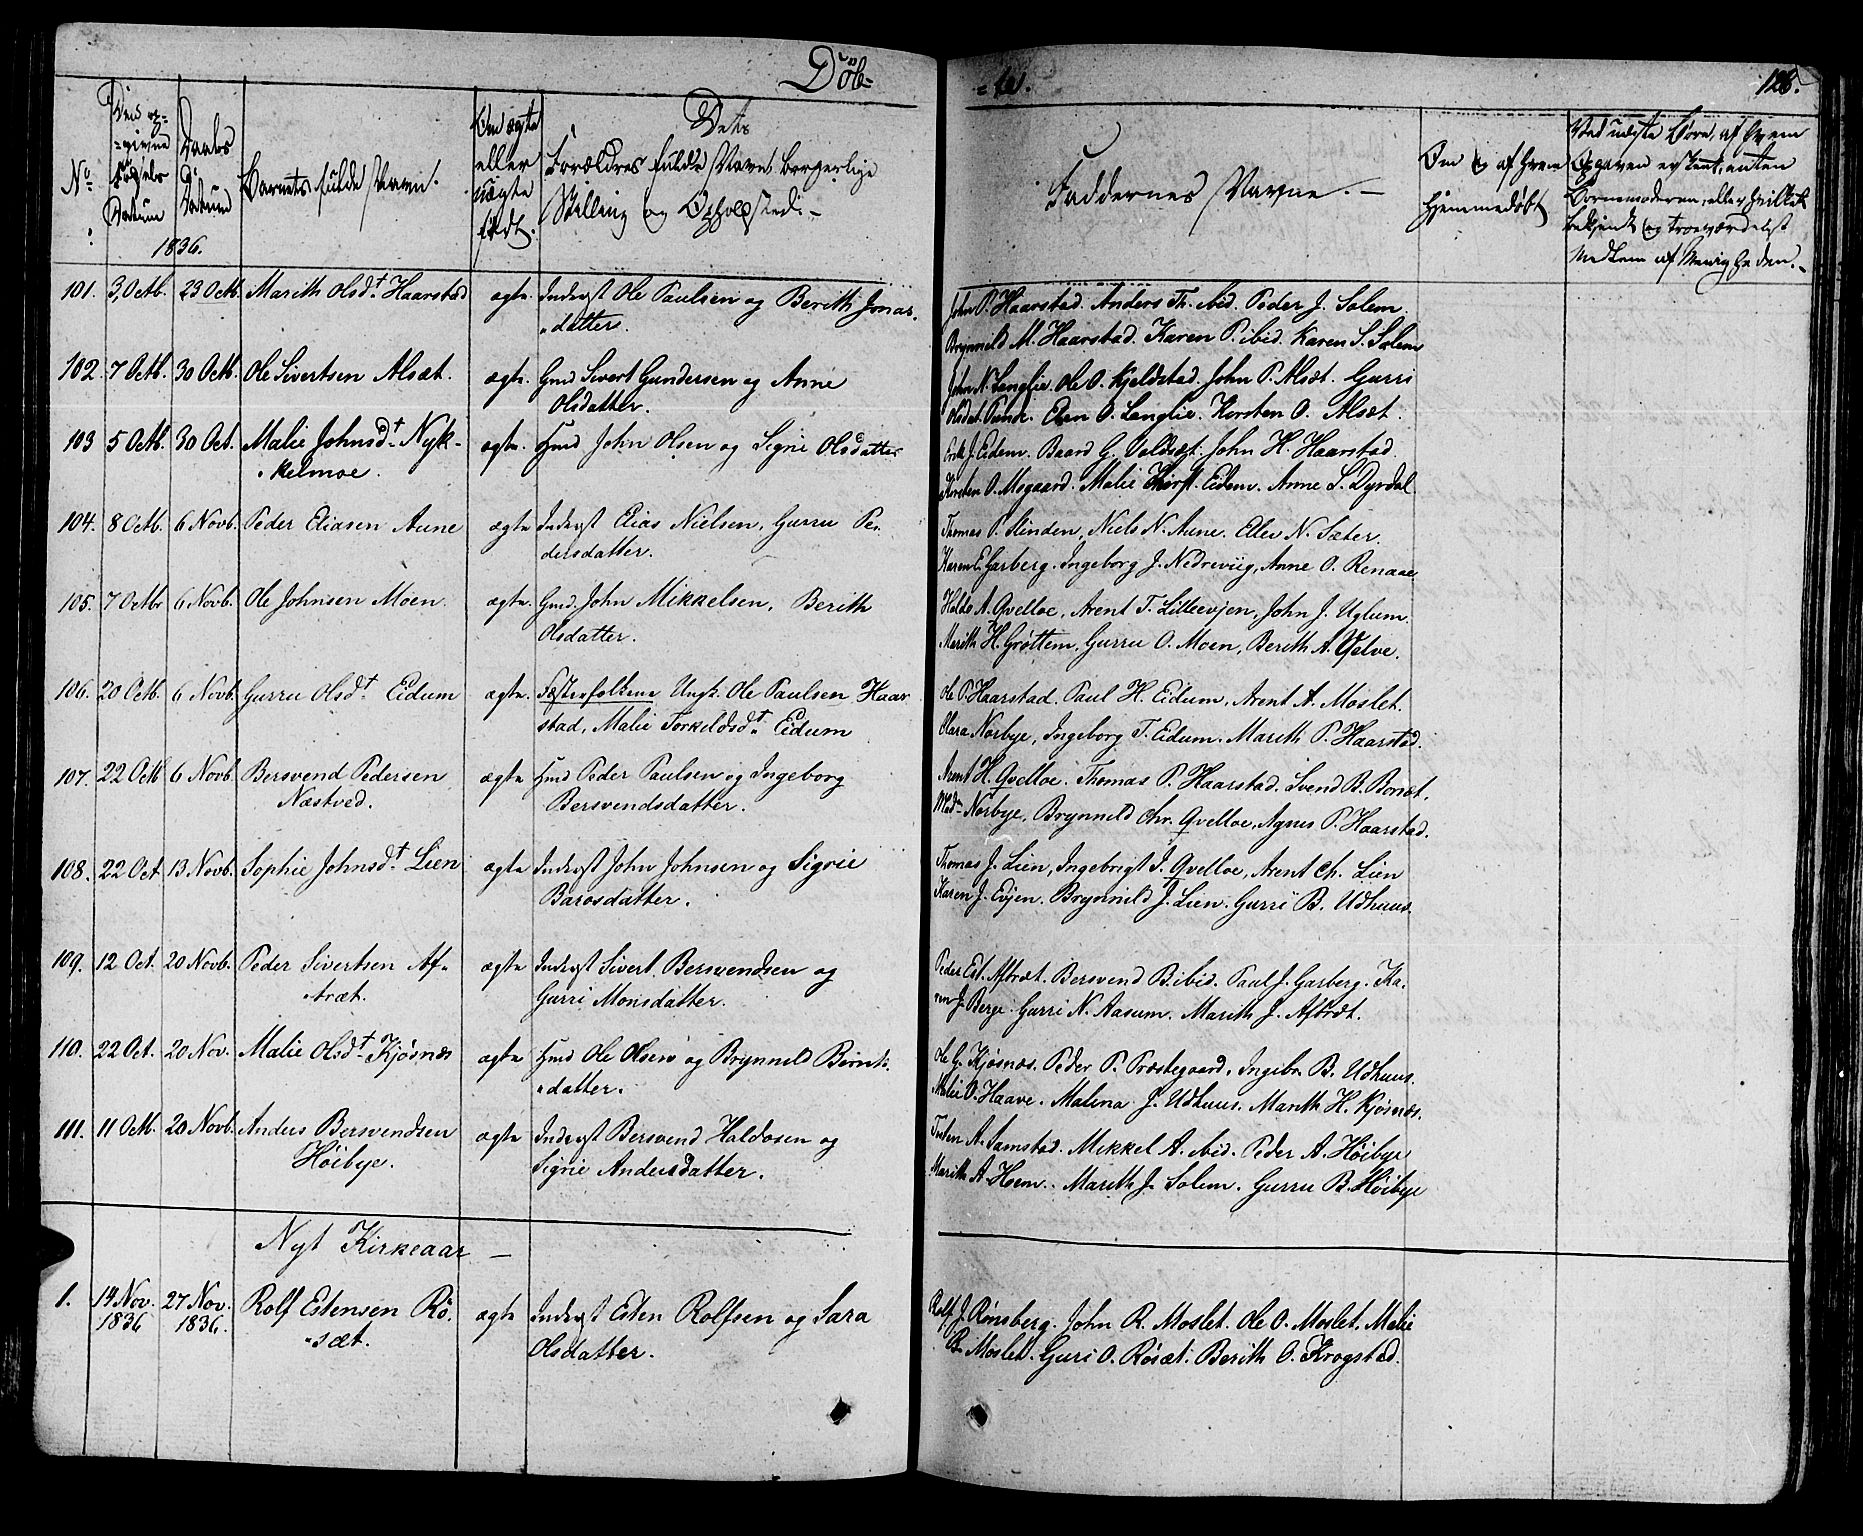 SAT, Ministerialprotokoller, klokkerbøker og fødselsregistre - Sør-Trøndelag, 695/L1143: Ministerialbok nr. 695A05 /1, 1824-1842, s. 126